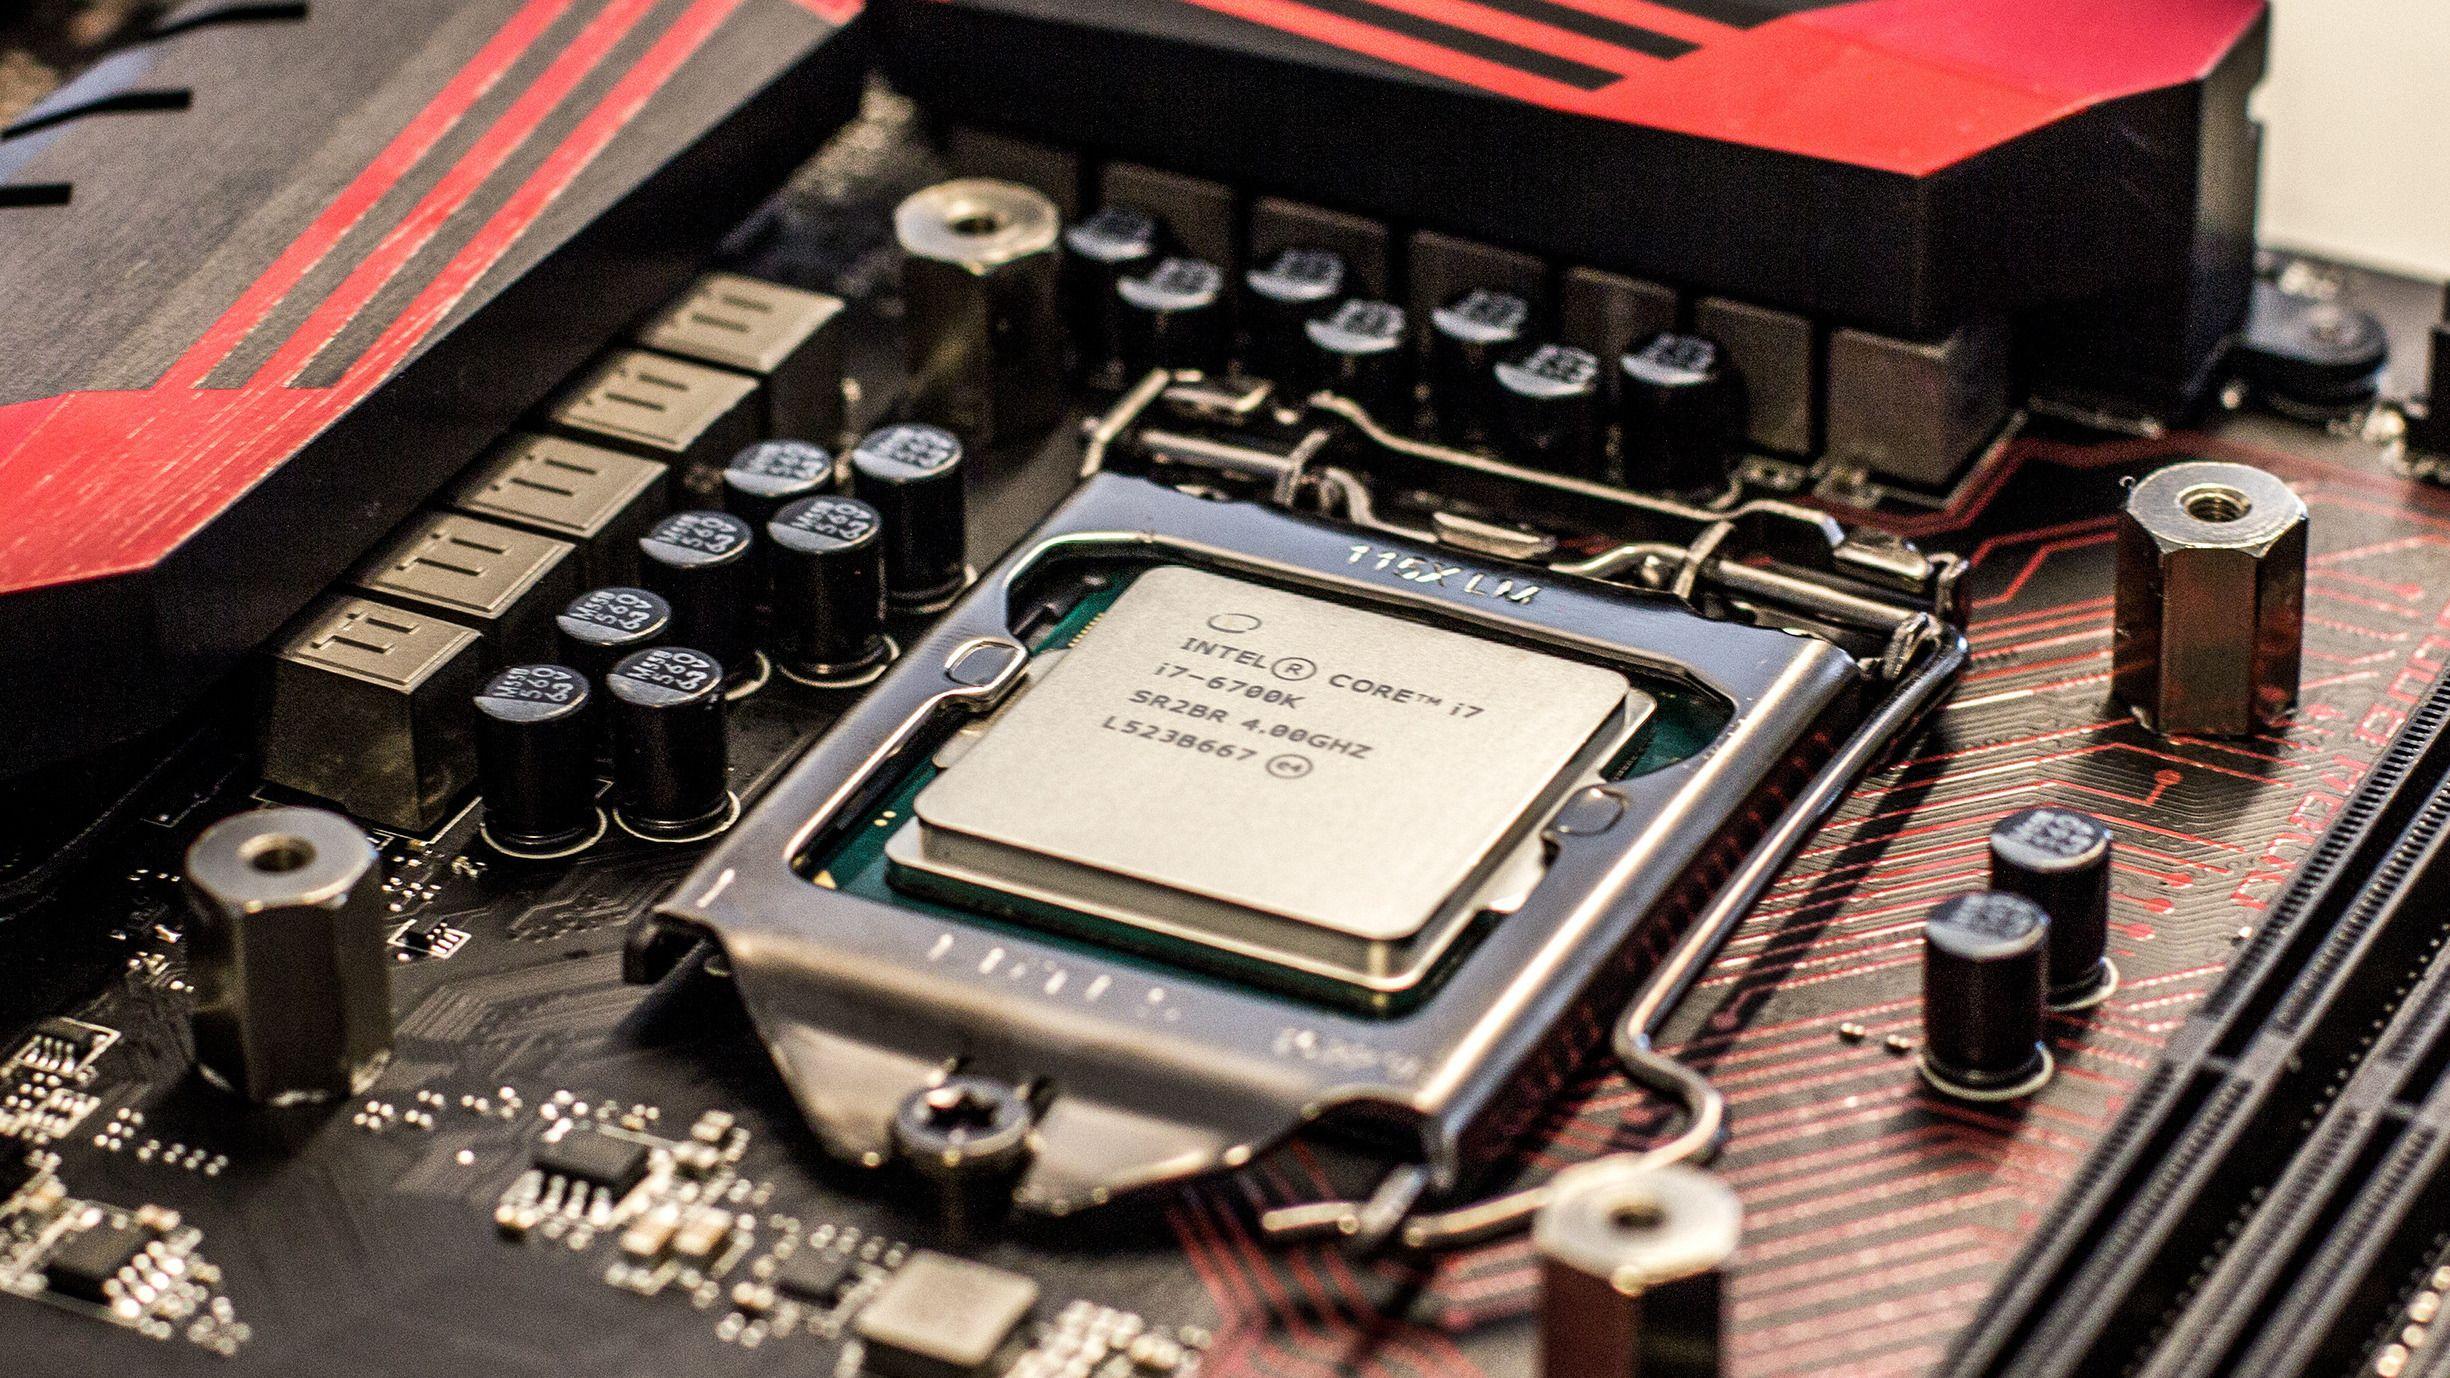 Intel Core i7-6700K er en av toppmodellene fra Skylake-generasjonen. Bilde: Anders Brattensborg Smedsrud, Tek.no